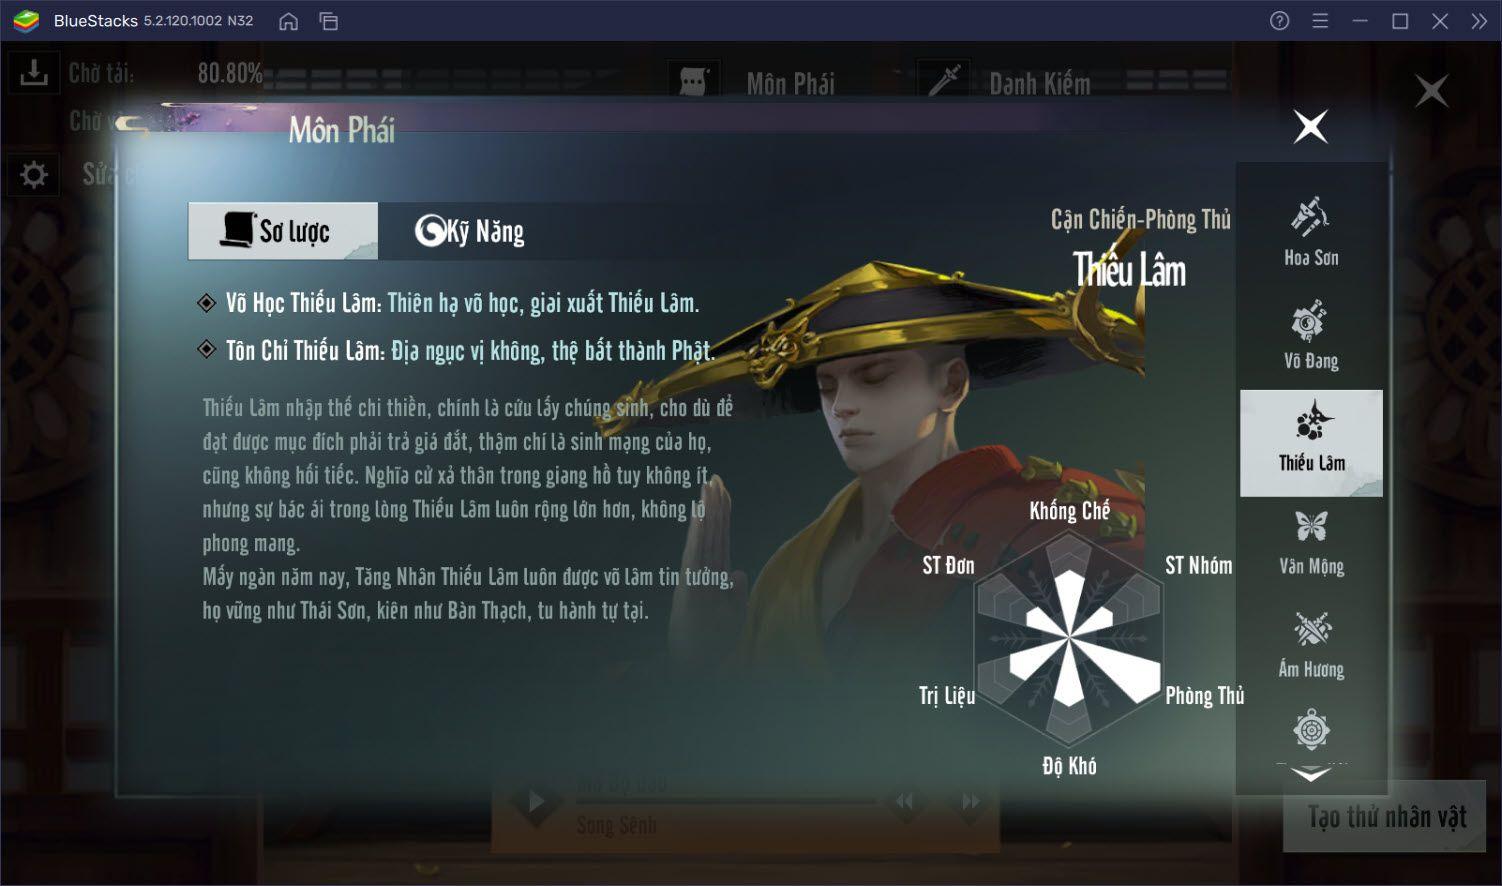 Thất đại môn phái Nhất Mộng Giang Hồ, bạn là ai?